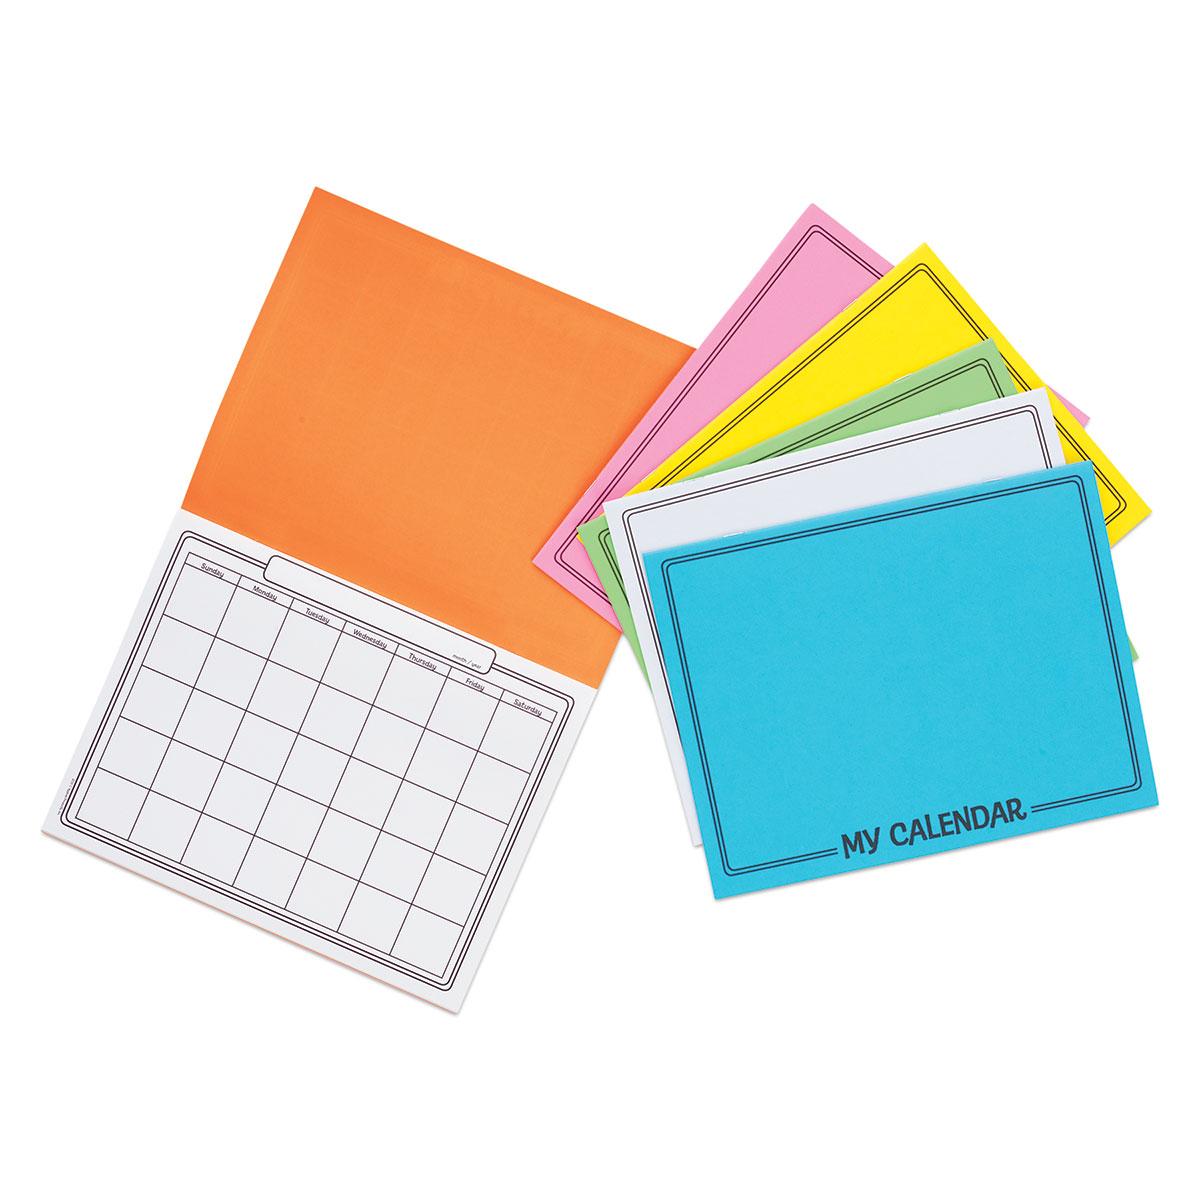 Hygloss My Calendar - Pkg of 6